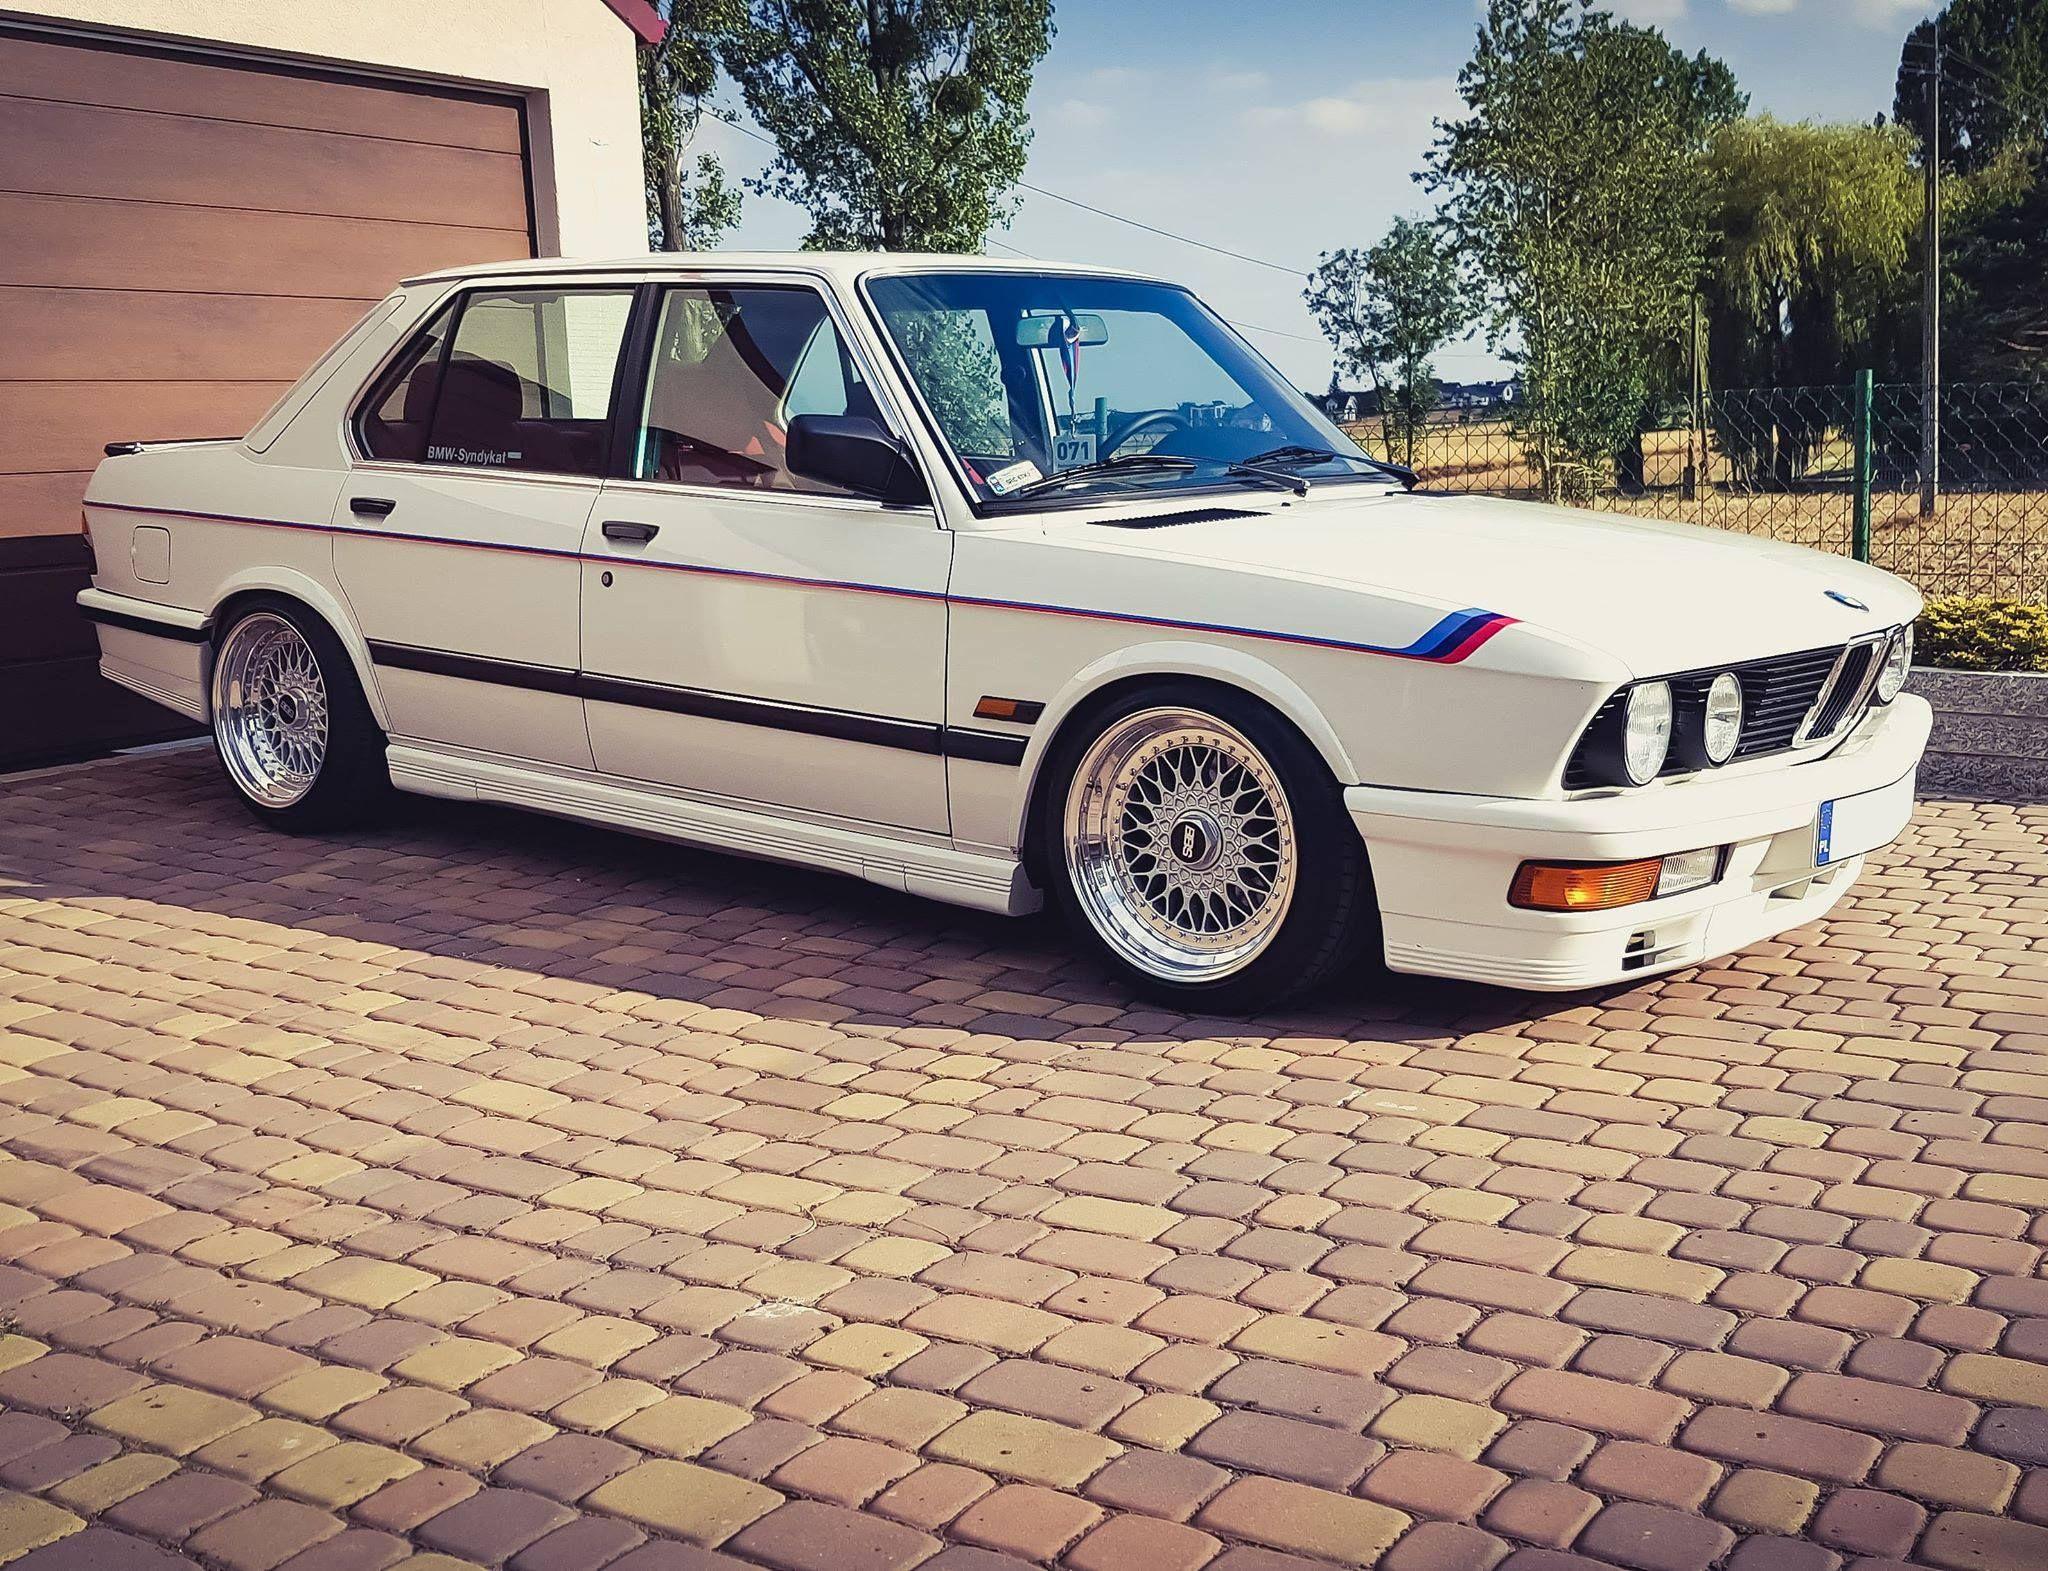 Bmw E28 1985 Bmw Bmw 1er Bmw Autos